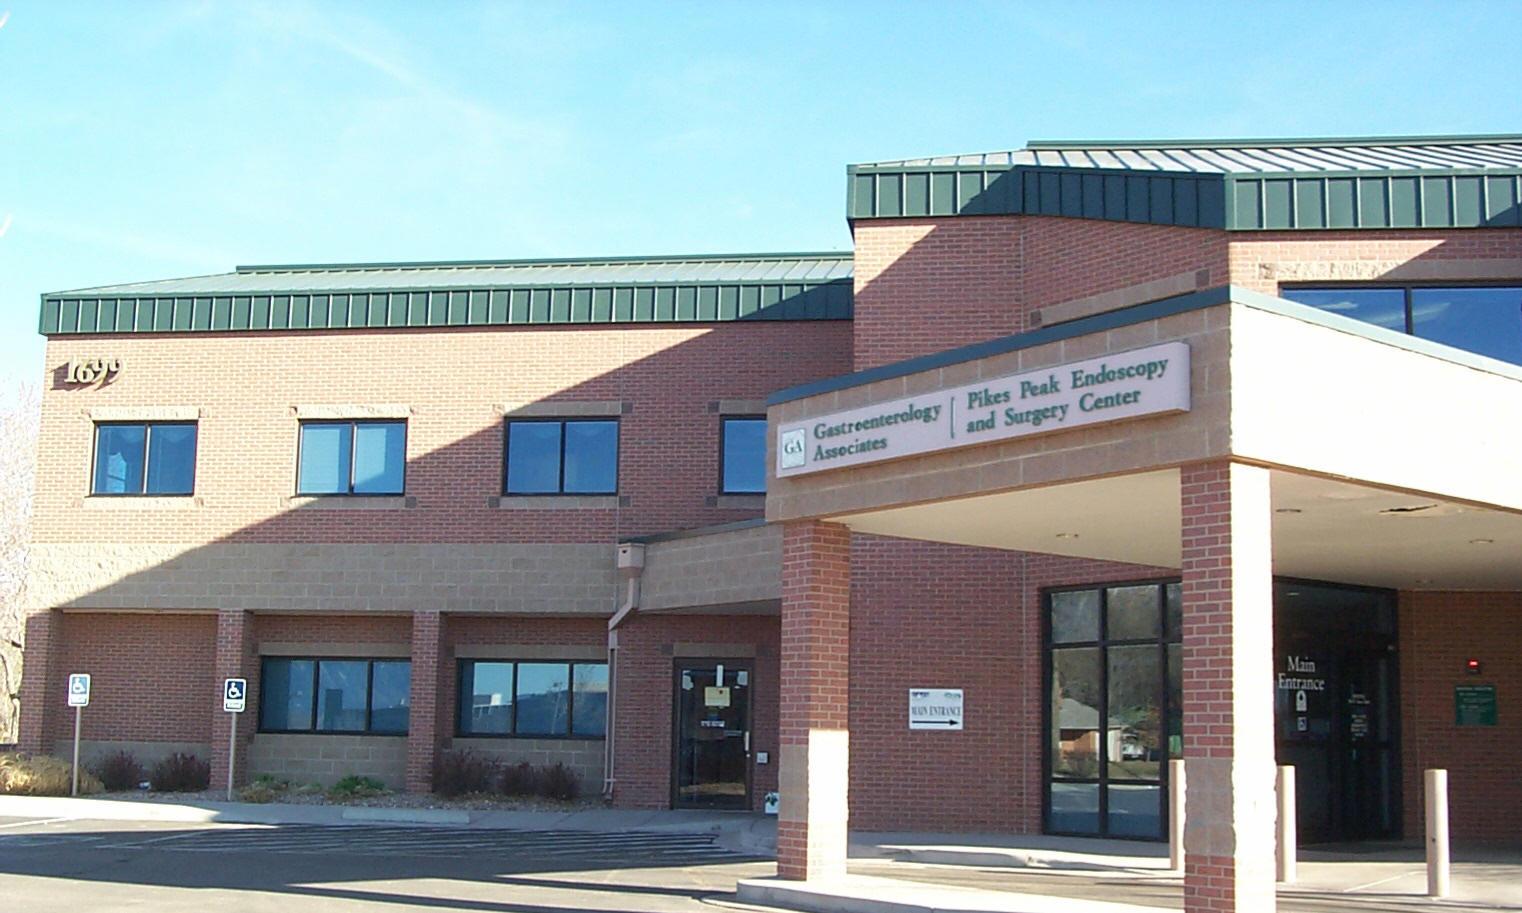 GastroenterologyAssociates of Colorado Springs